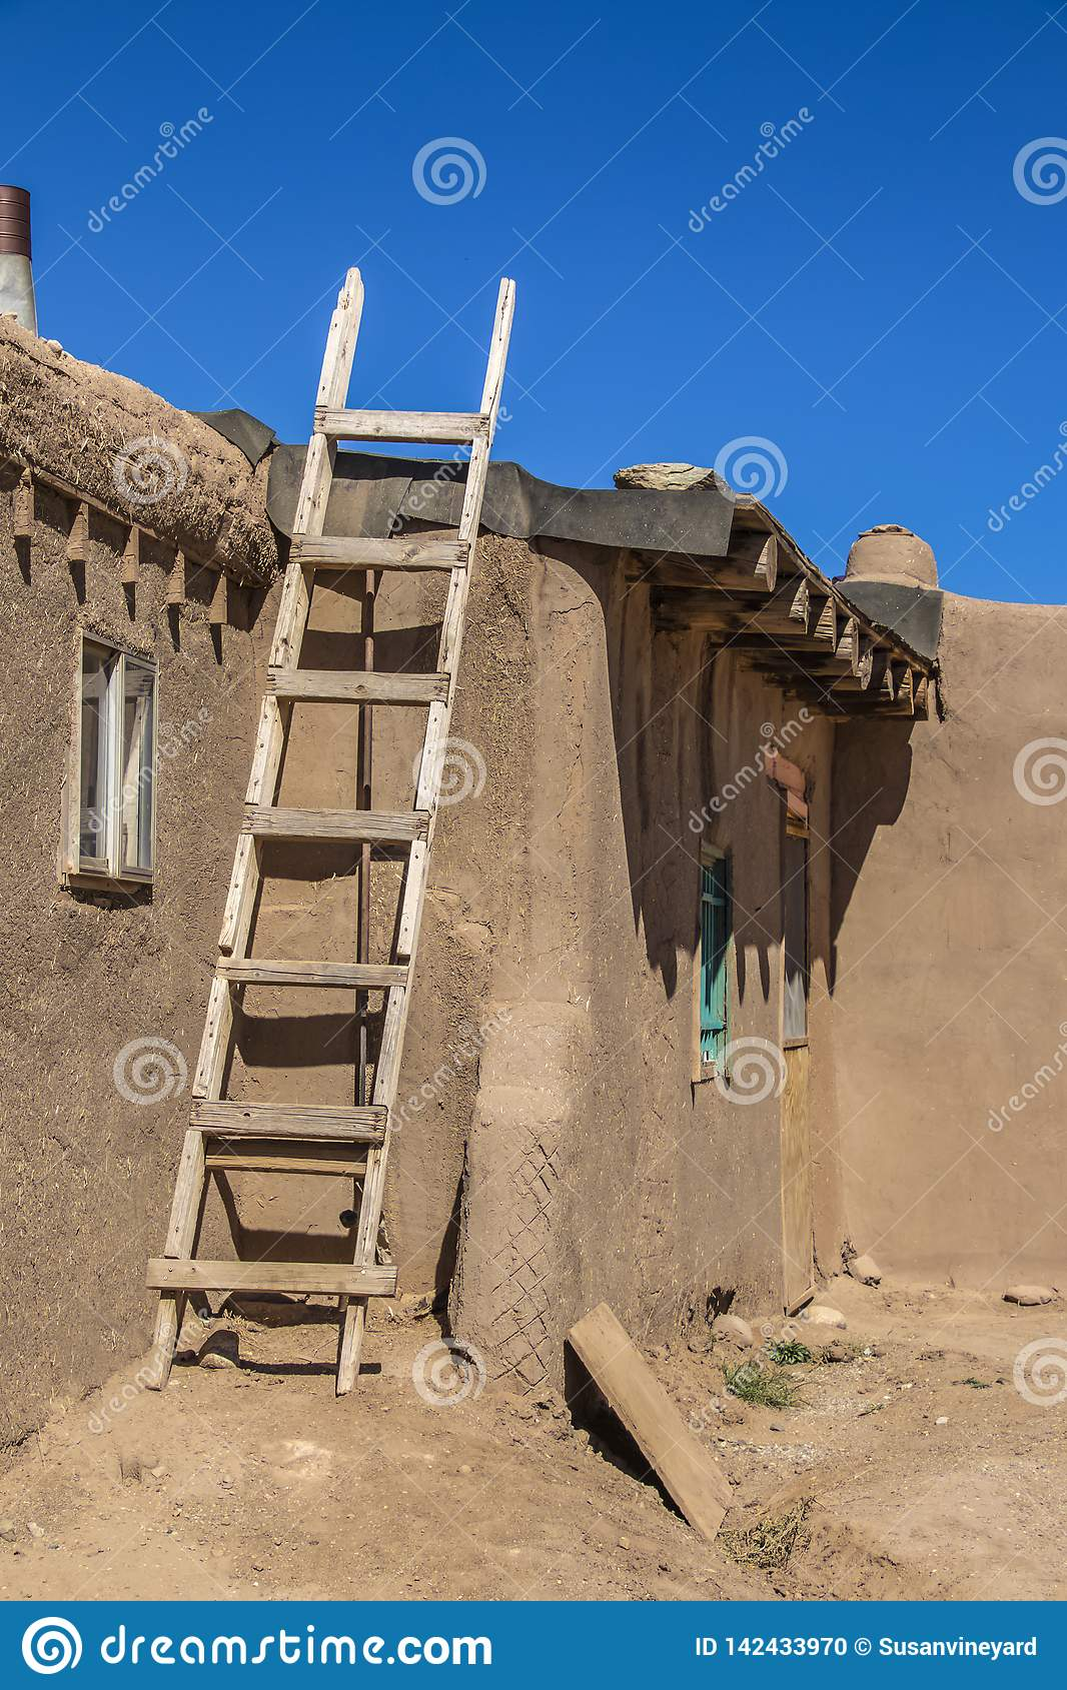 Escalera de madera hecha en casa contra el lado de la casa del pueblo del adobe del fango en donde el papel de alquitrán se está